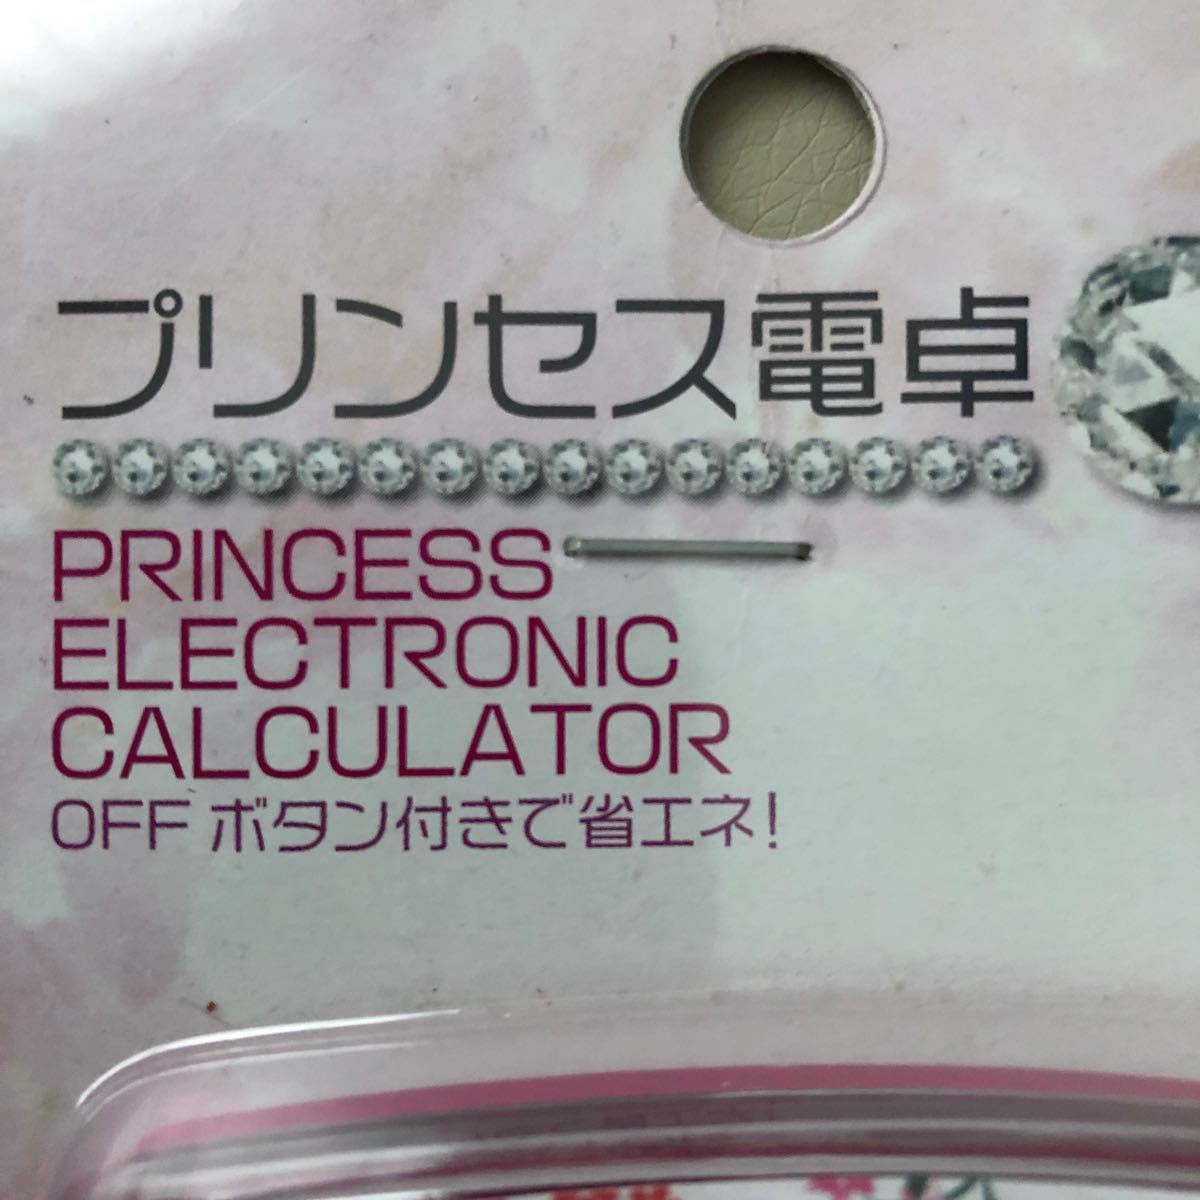 プリンセス電卓 計算機